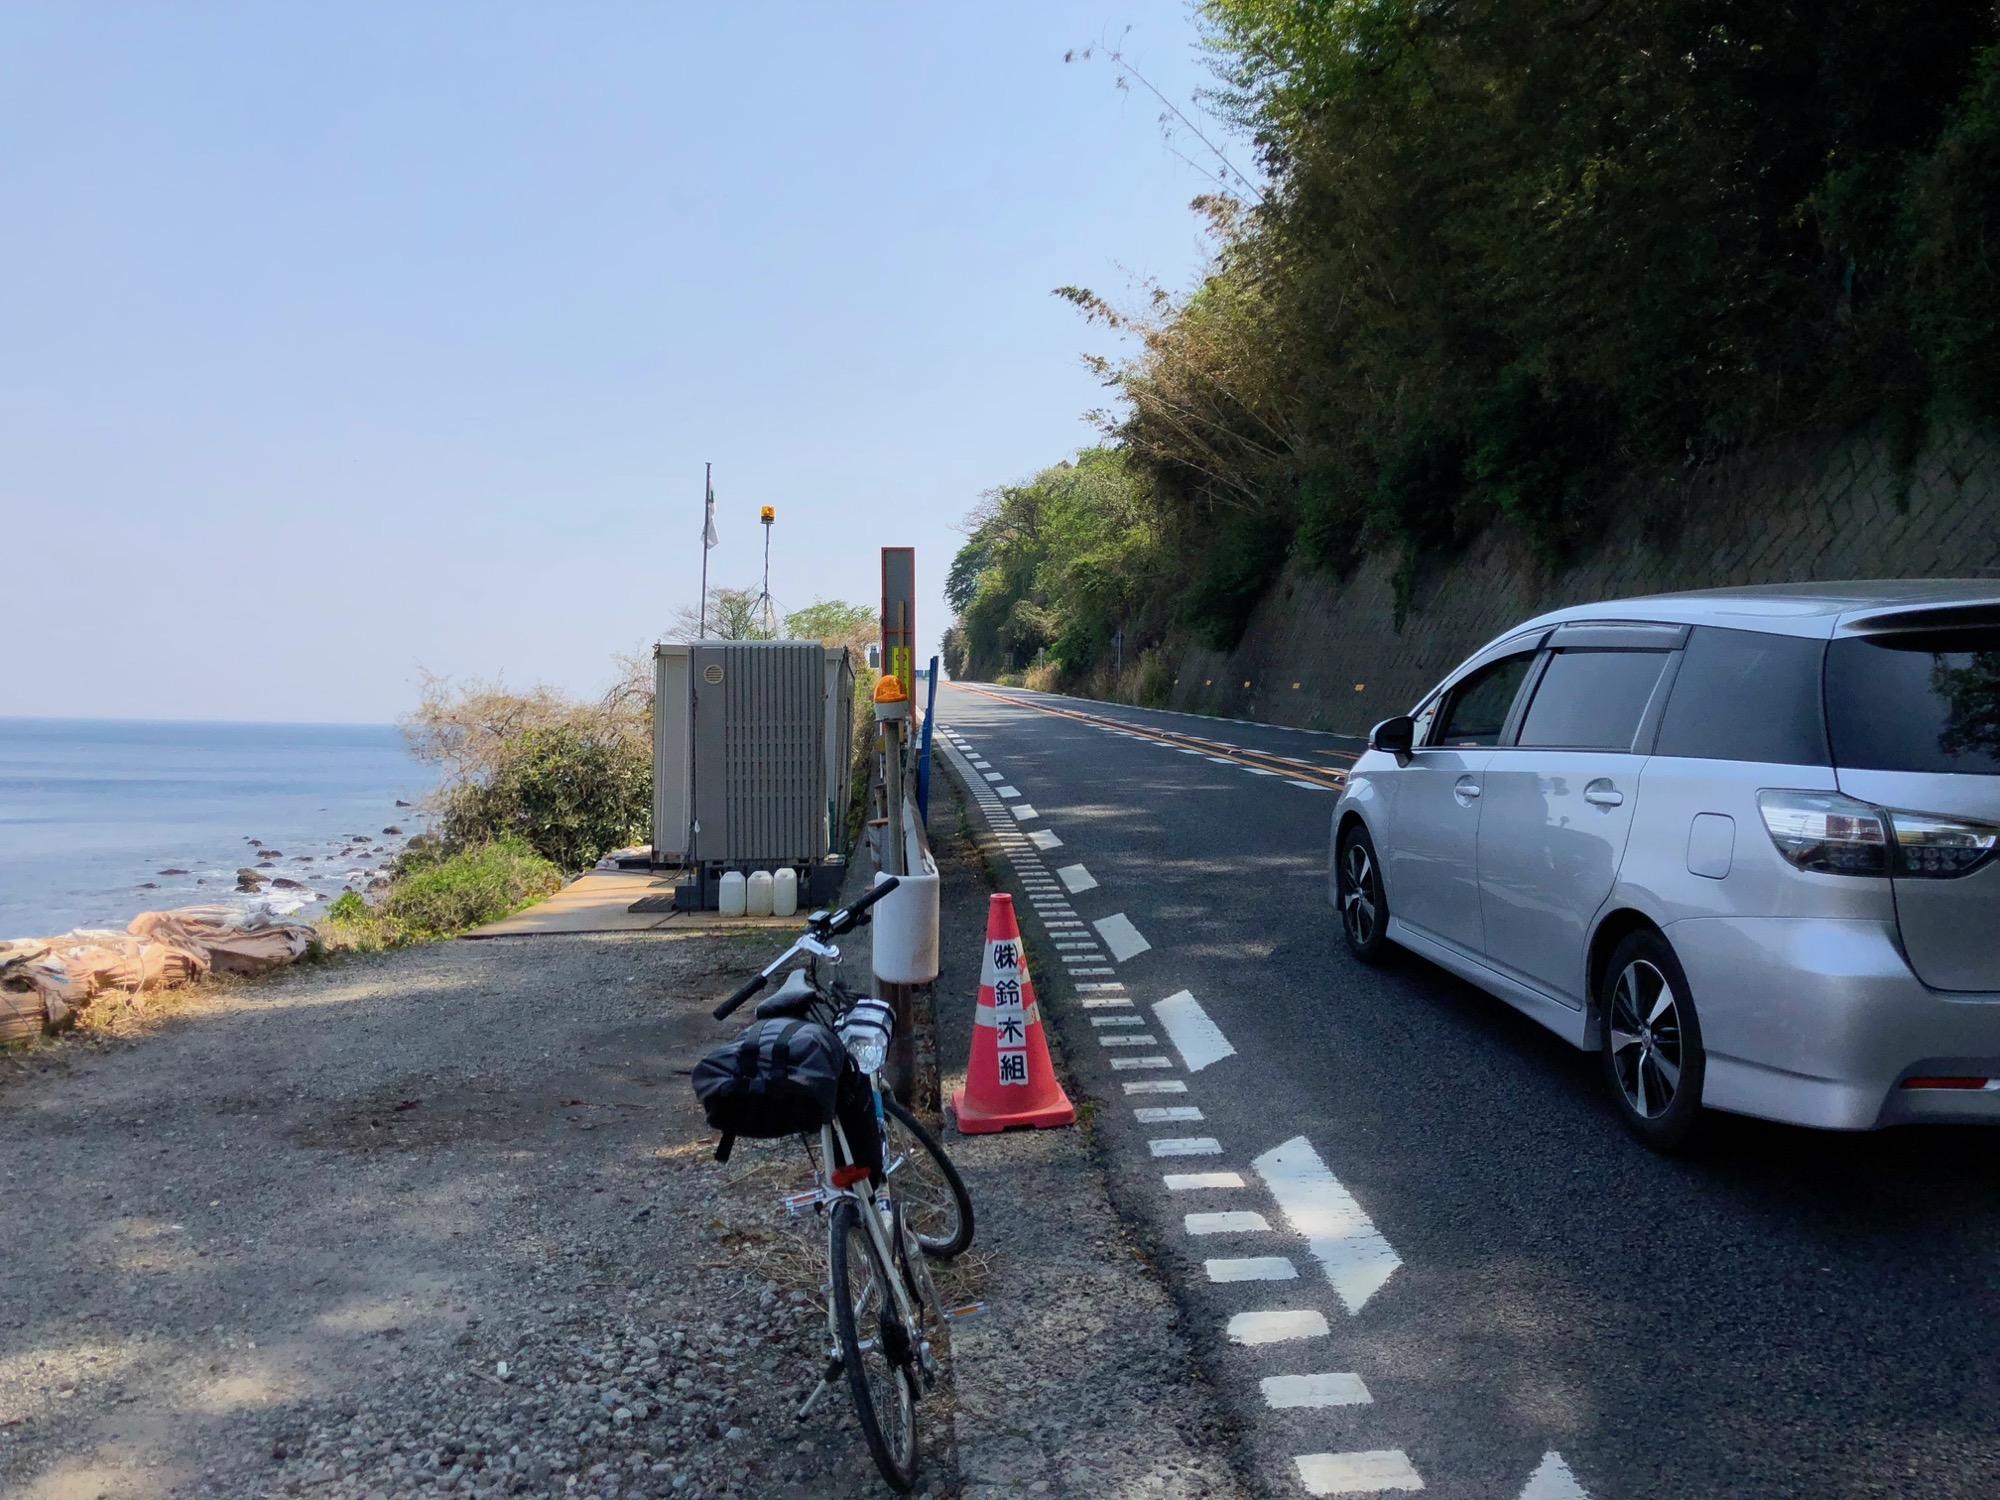 日本一周・Day 4 〝国道135号線って怖すぎん?〟【熱海】